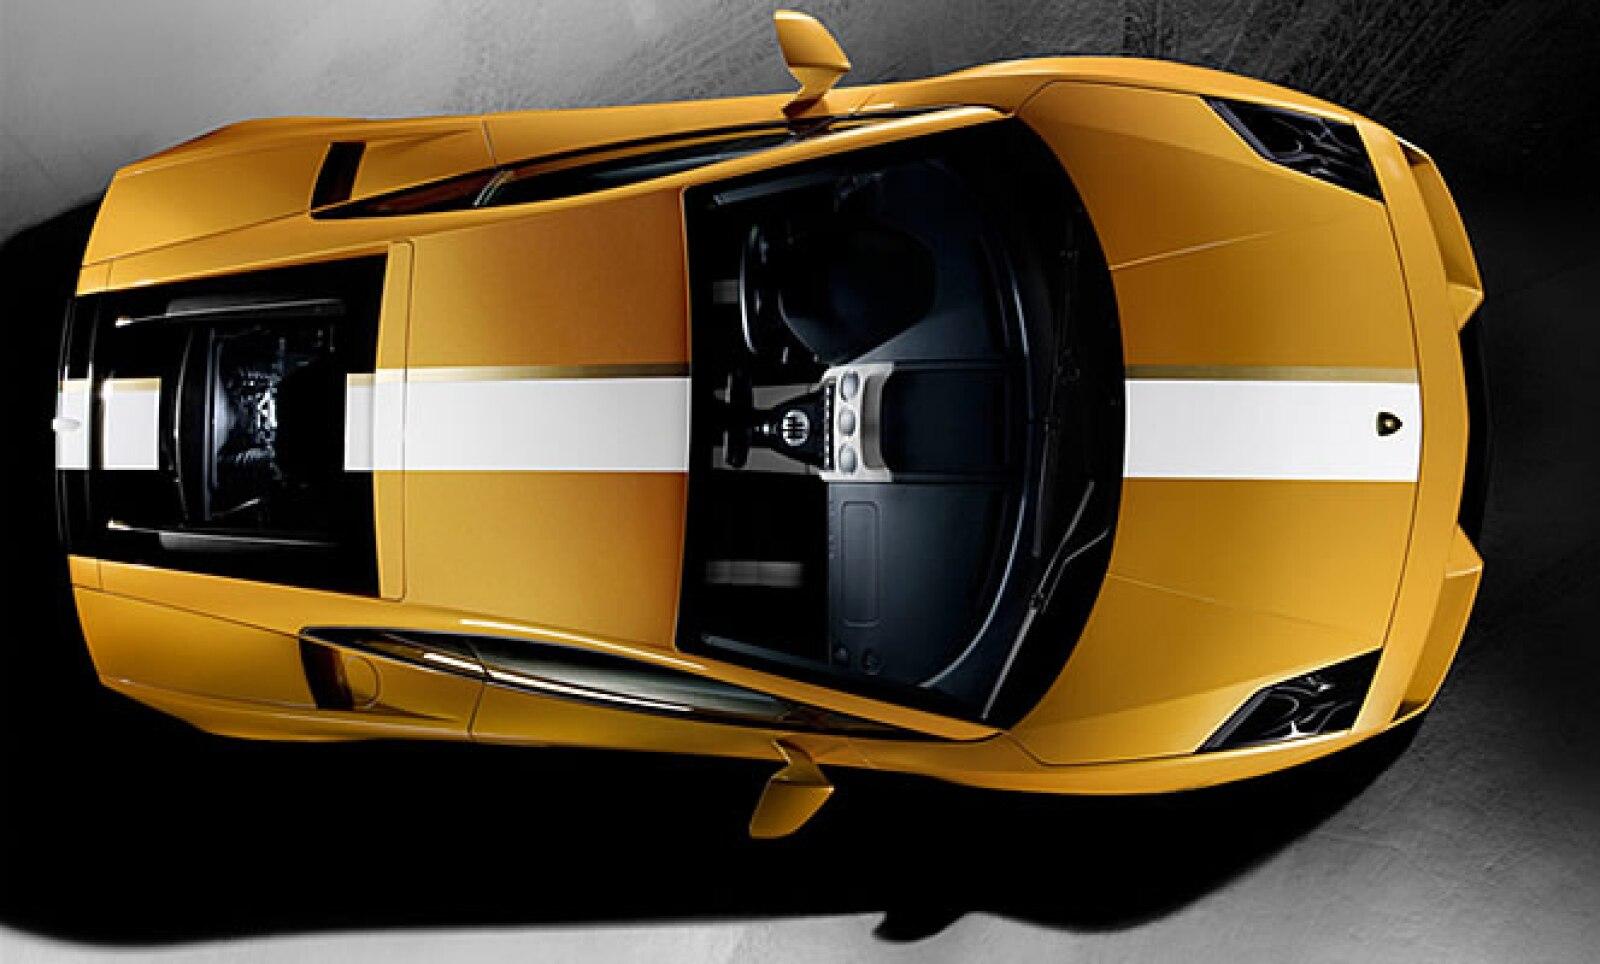 Creación del diseñador italiano Valentino Balboni, el vehículo incorpora un motor de 10 cilindros, capaz de conseguir una velocidad máxima de 320km/h. Su precio estimado en Estados Unidos es de 259,800 dólares, más impuestos.